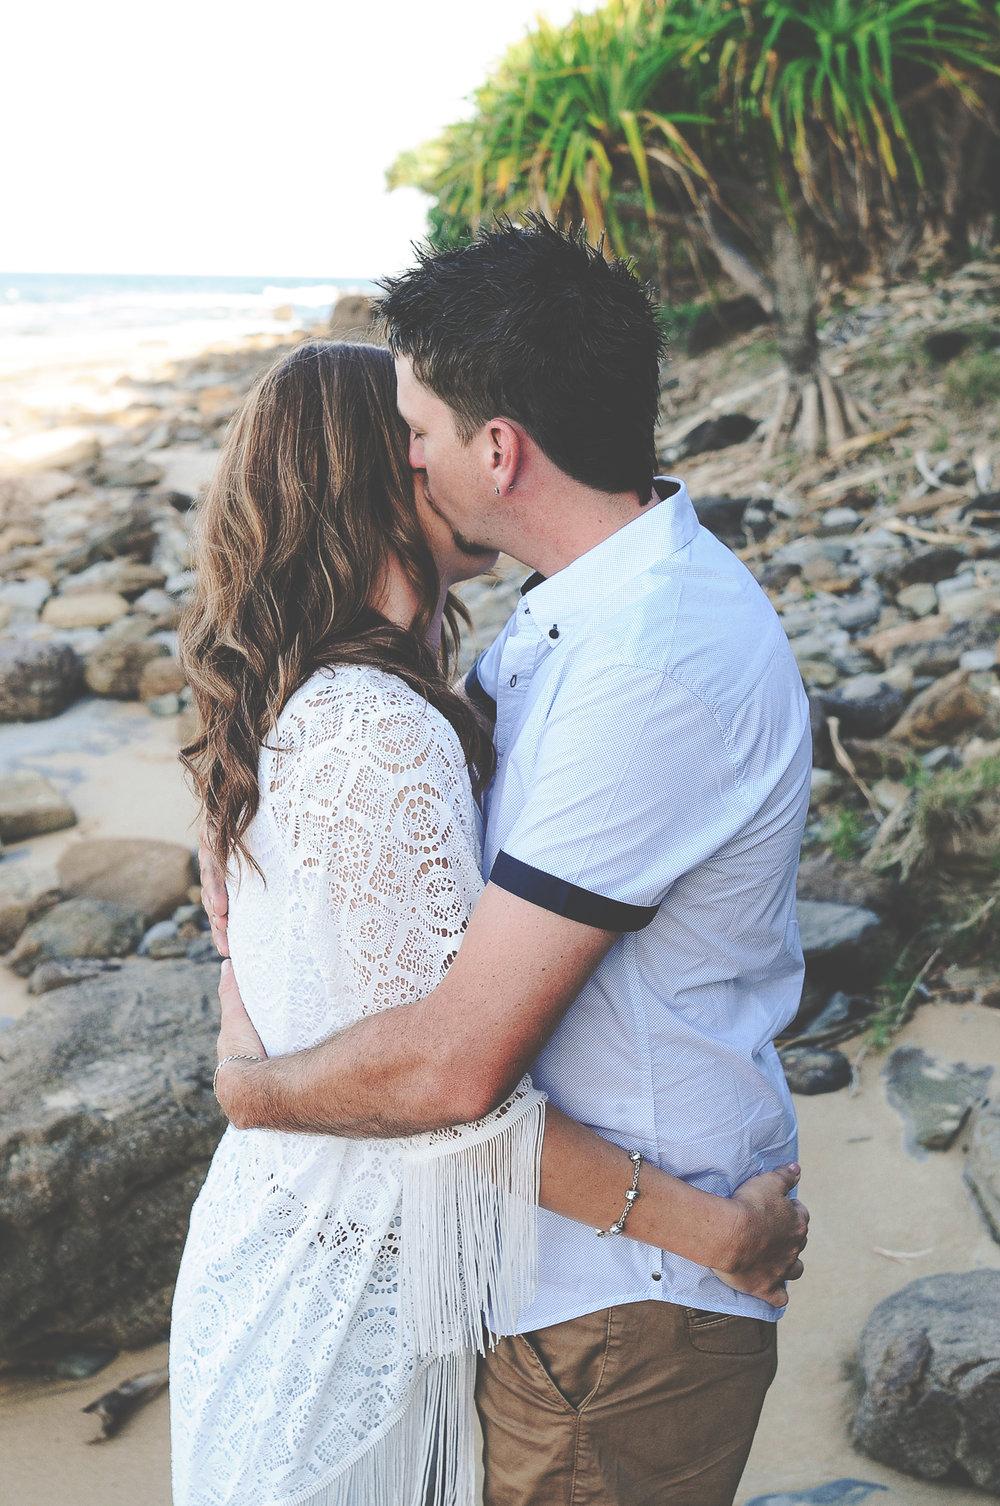 Brisbane Wedding Photographer Lovelenscapes Photography Moffat Beach Sunshine Coast Engagement